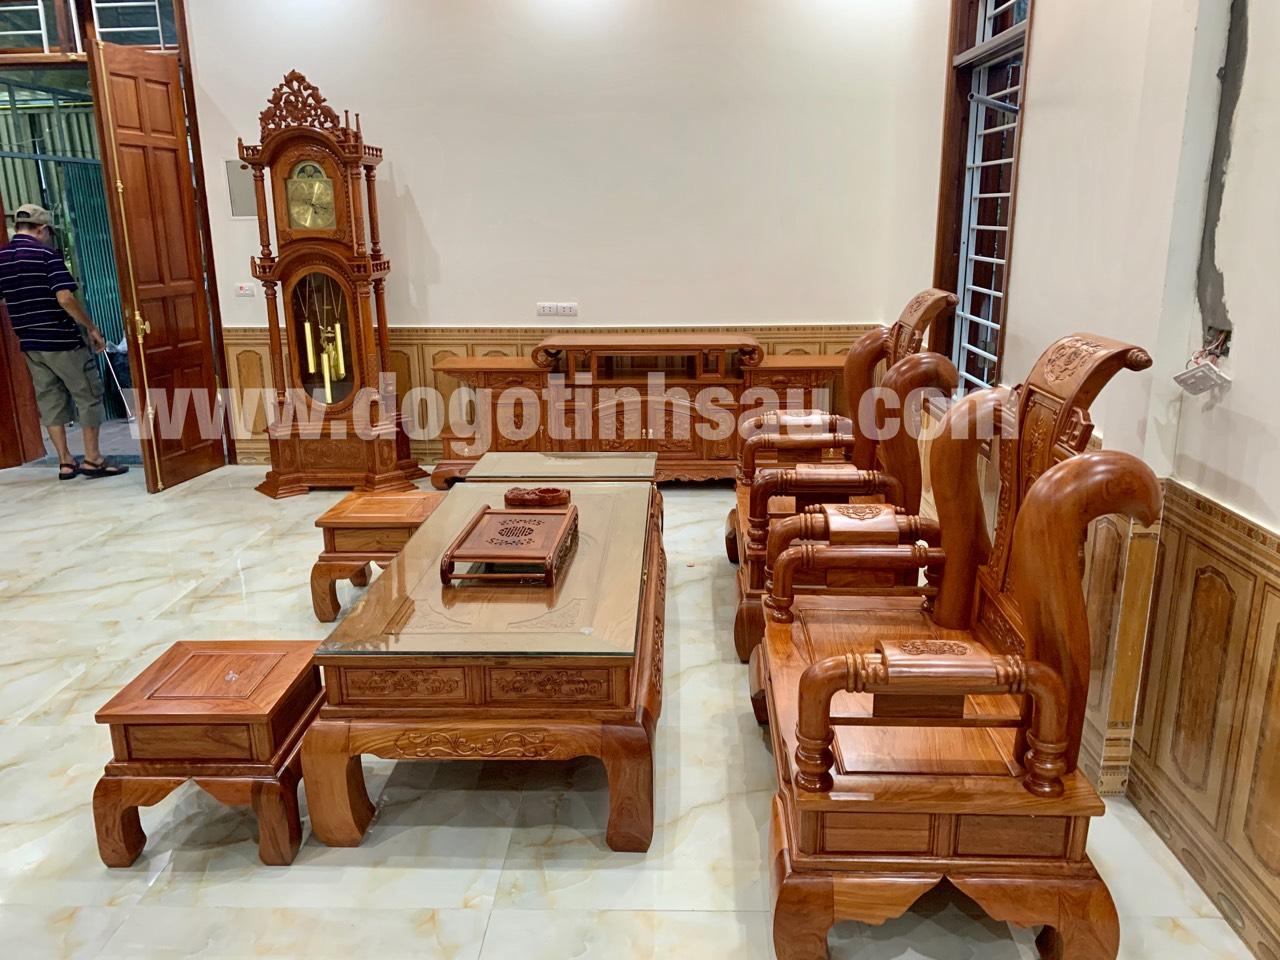 dong ho cay go huong da mau thap tu tru 5 - Đồng hồ cây gỗ hương đá mang lại sự thịnh vượng cho ngôi nhà của bạn